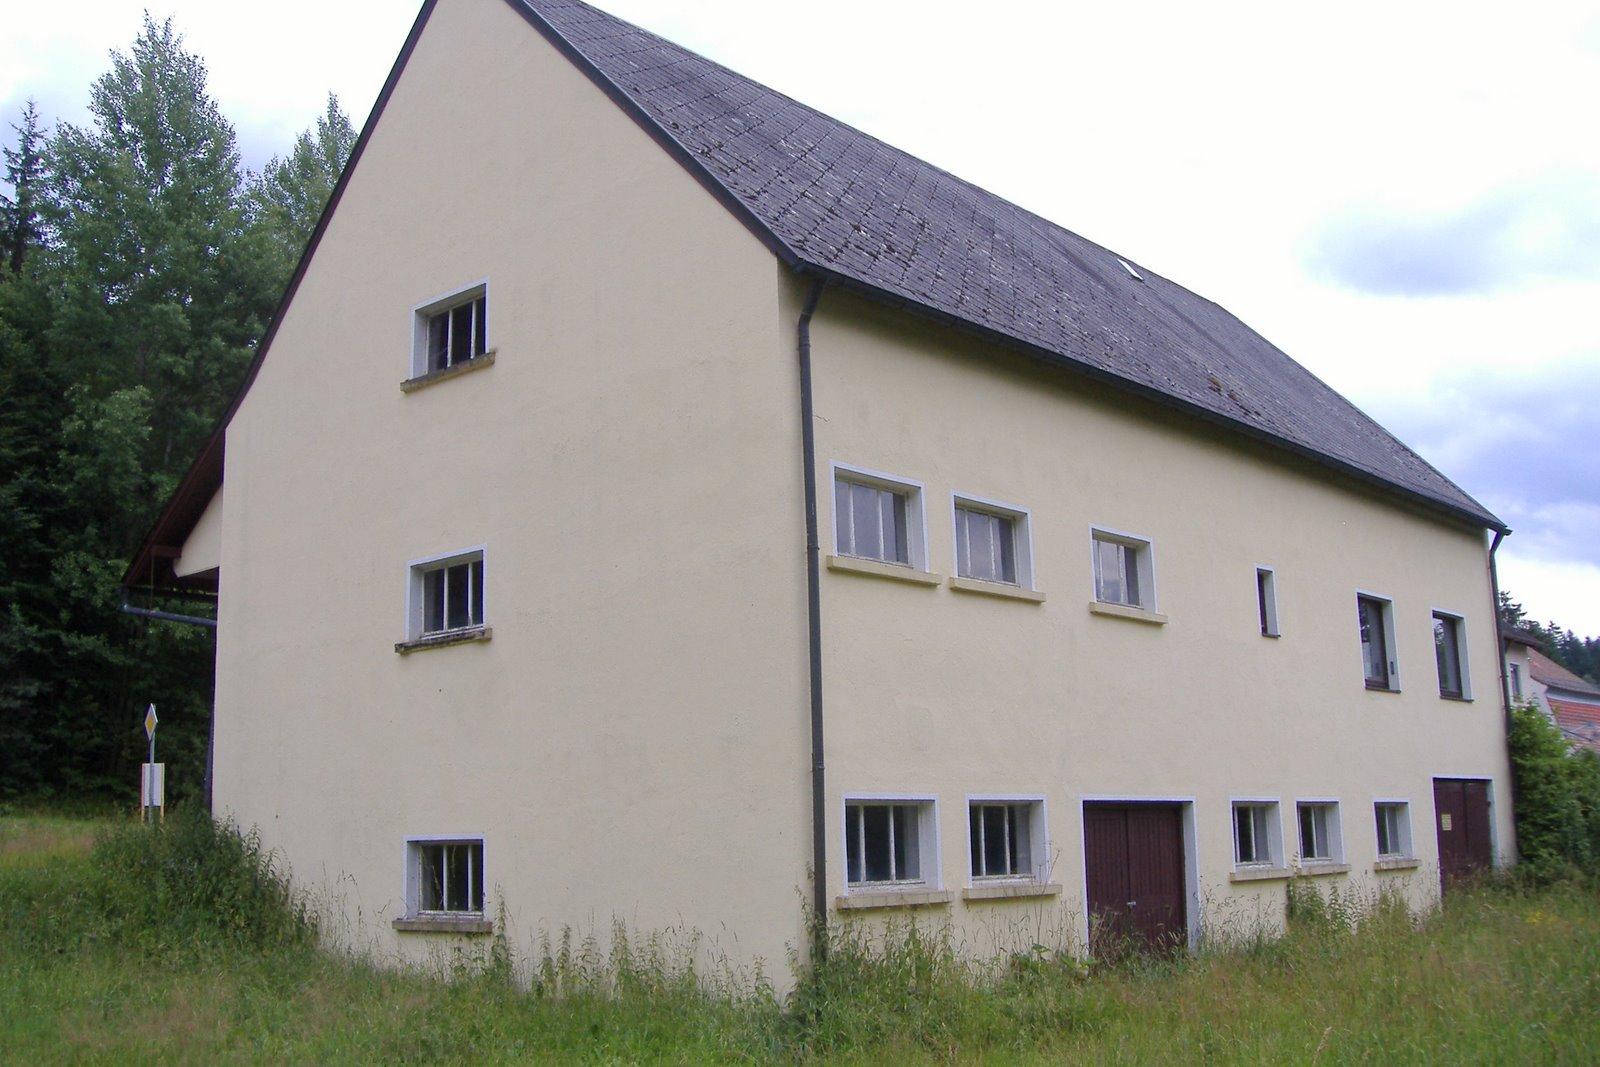 haus in bayern wohnen in einem lager werkstatt bayern haus. Black Bedroom Furniture Sets. Home Design Ideas